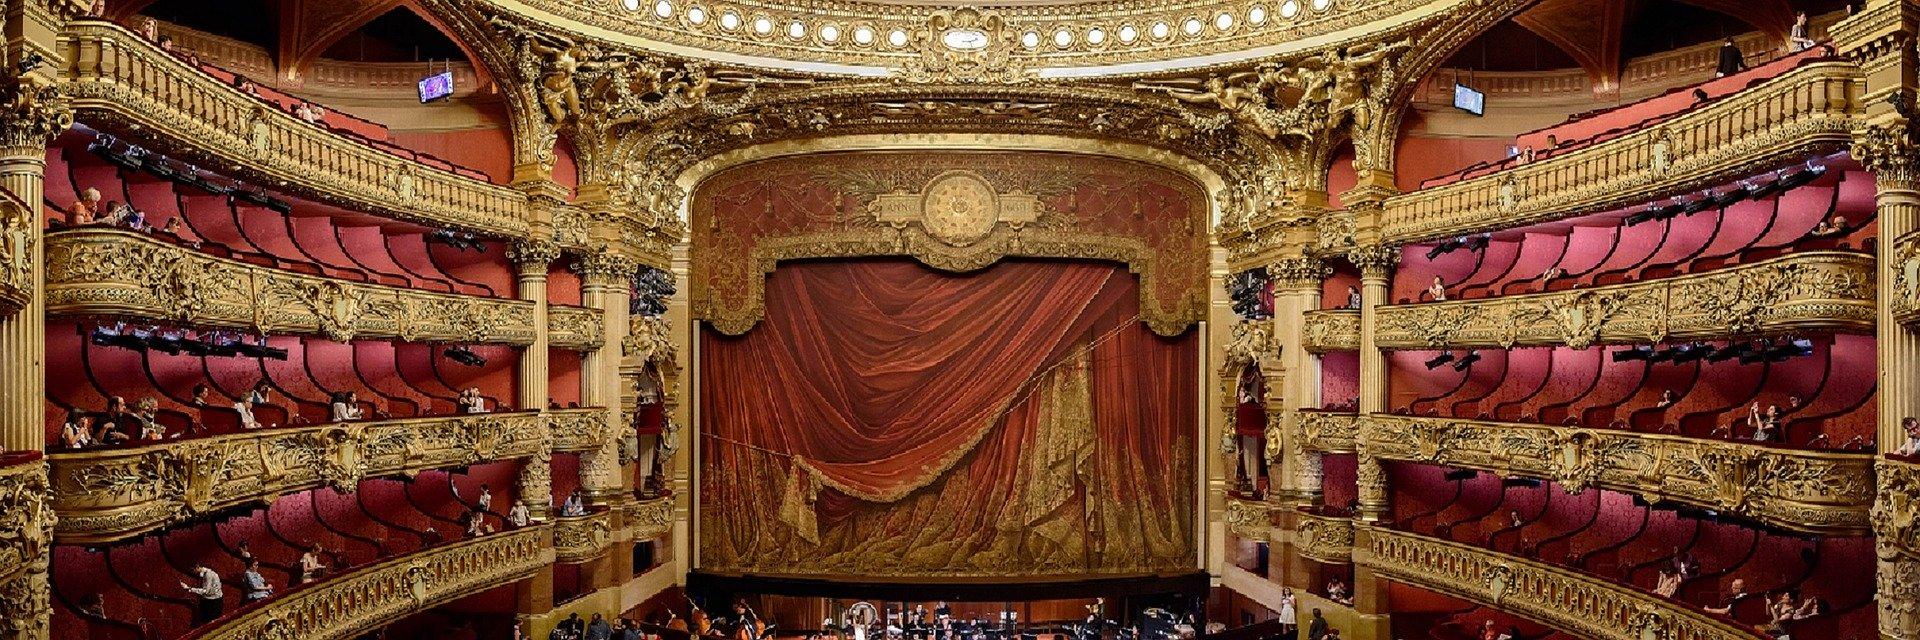 Коронавирус: Парижская опера во время карантина показывает свои спектакли бесплатно